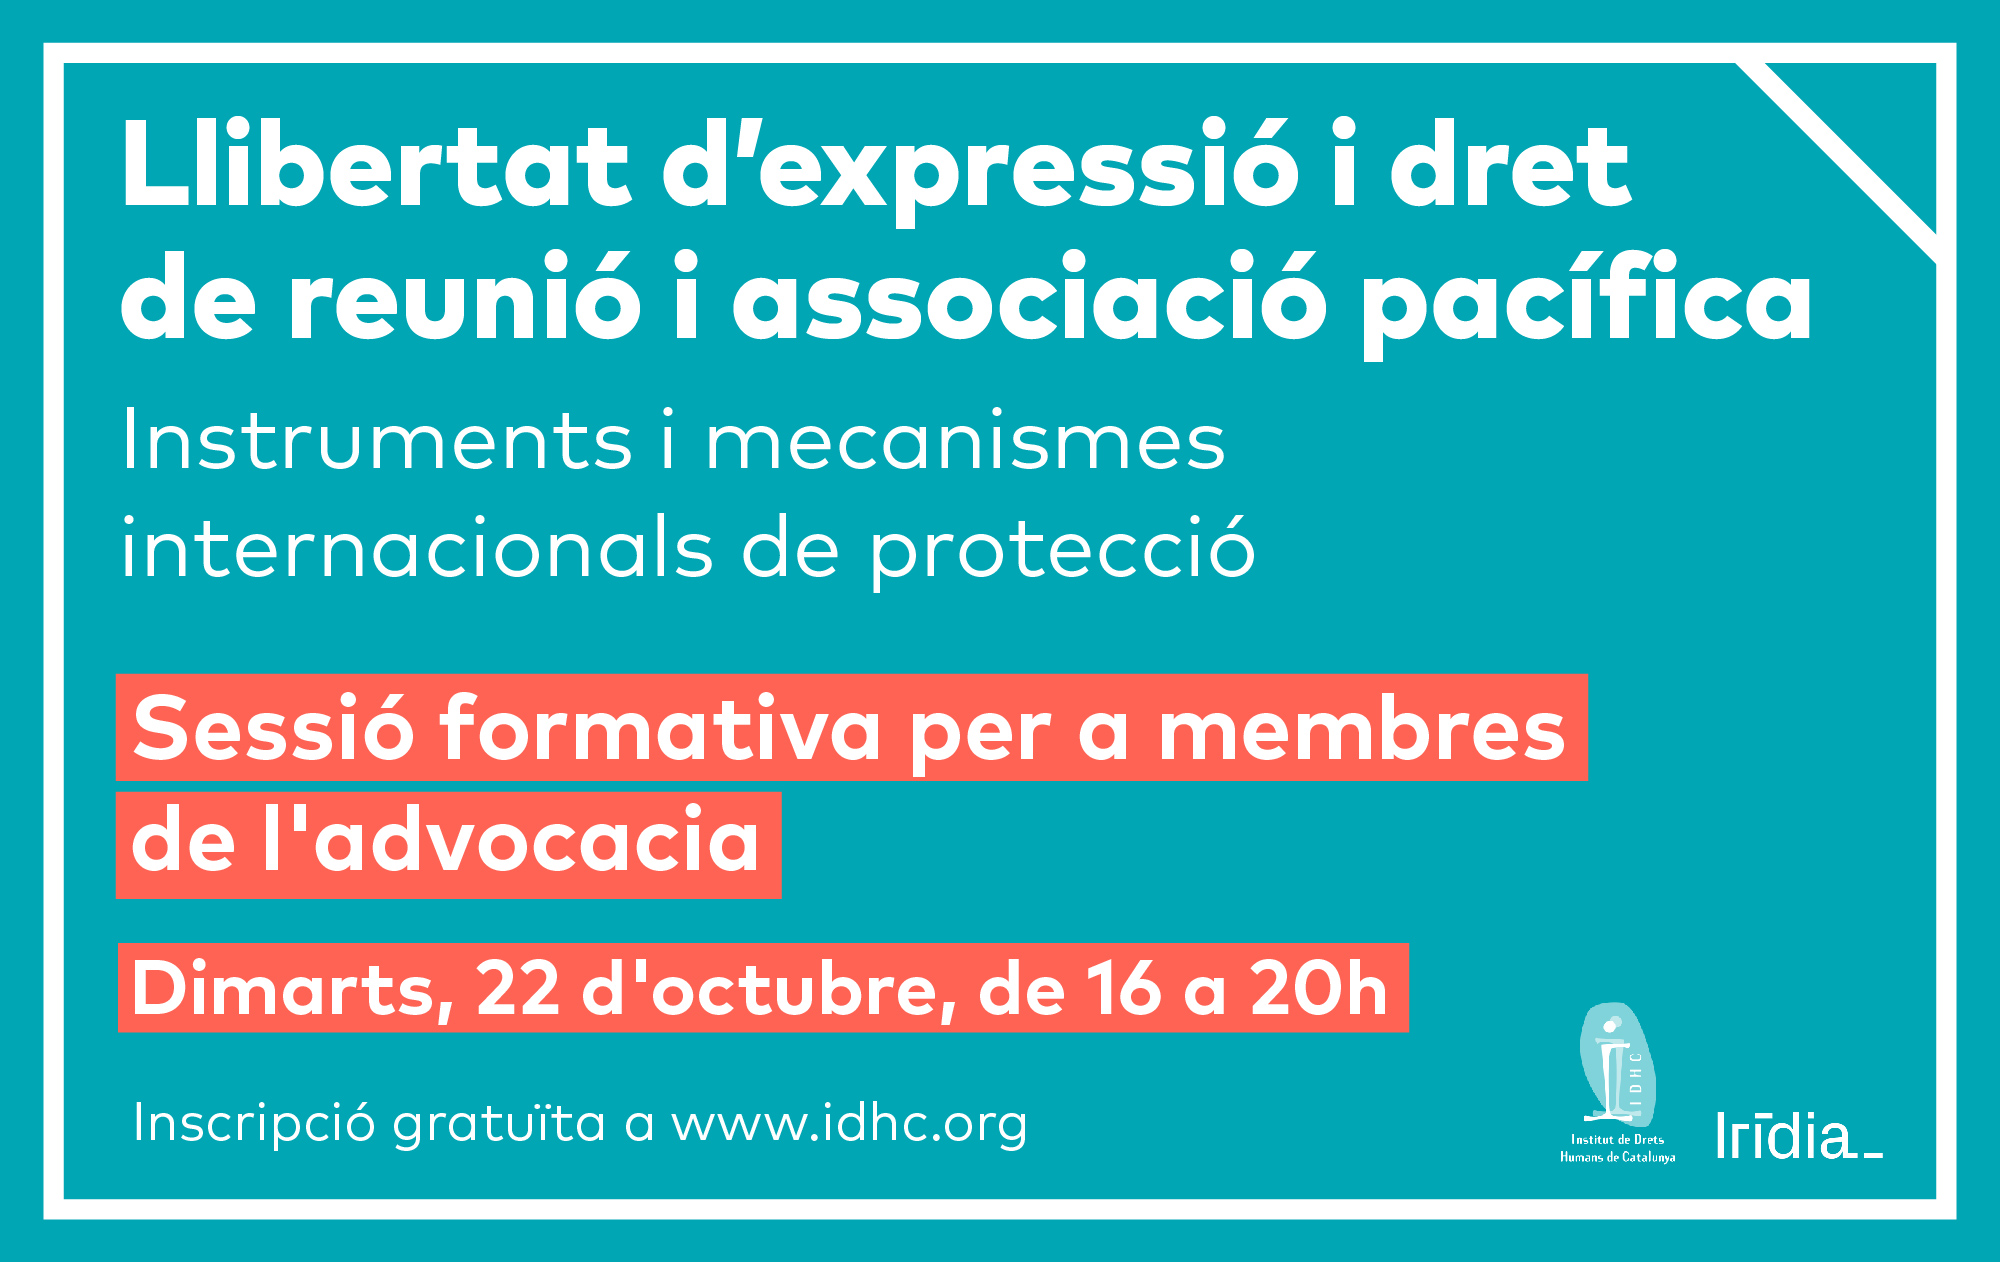 LLIBERTAT D'EXPRESSIÓ I DRET DE REUNIÓ I ASSOCIACIÓ PACÍFICA. Instruments i mecanismes internacionals de protecció